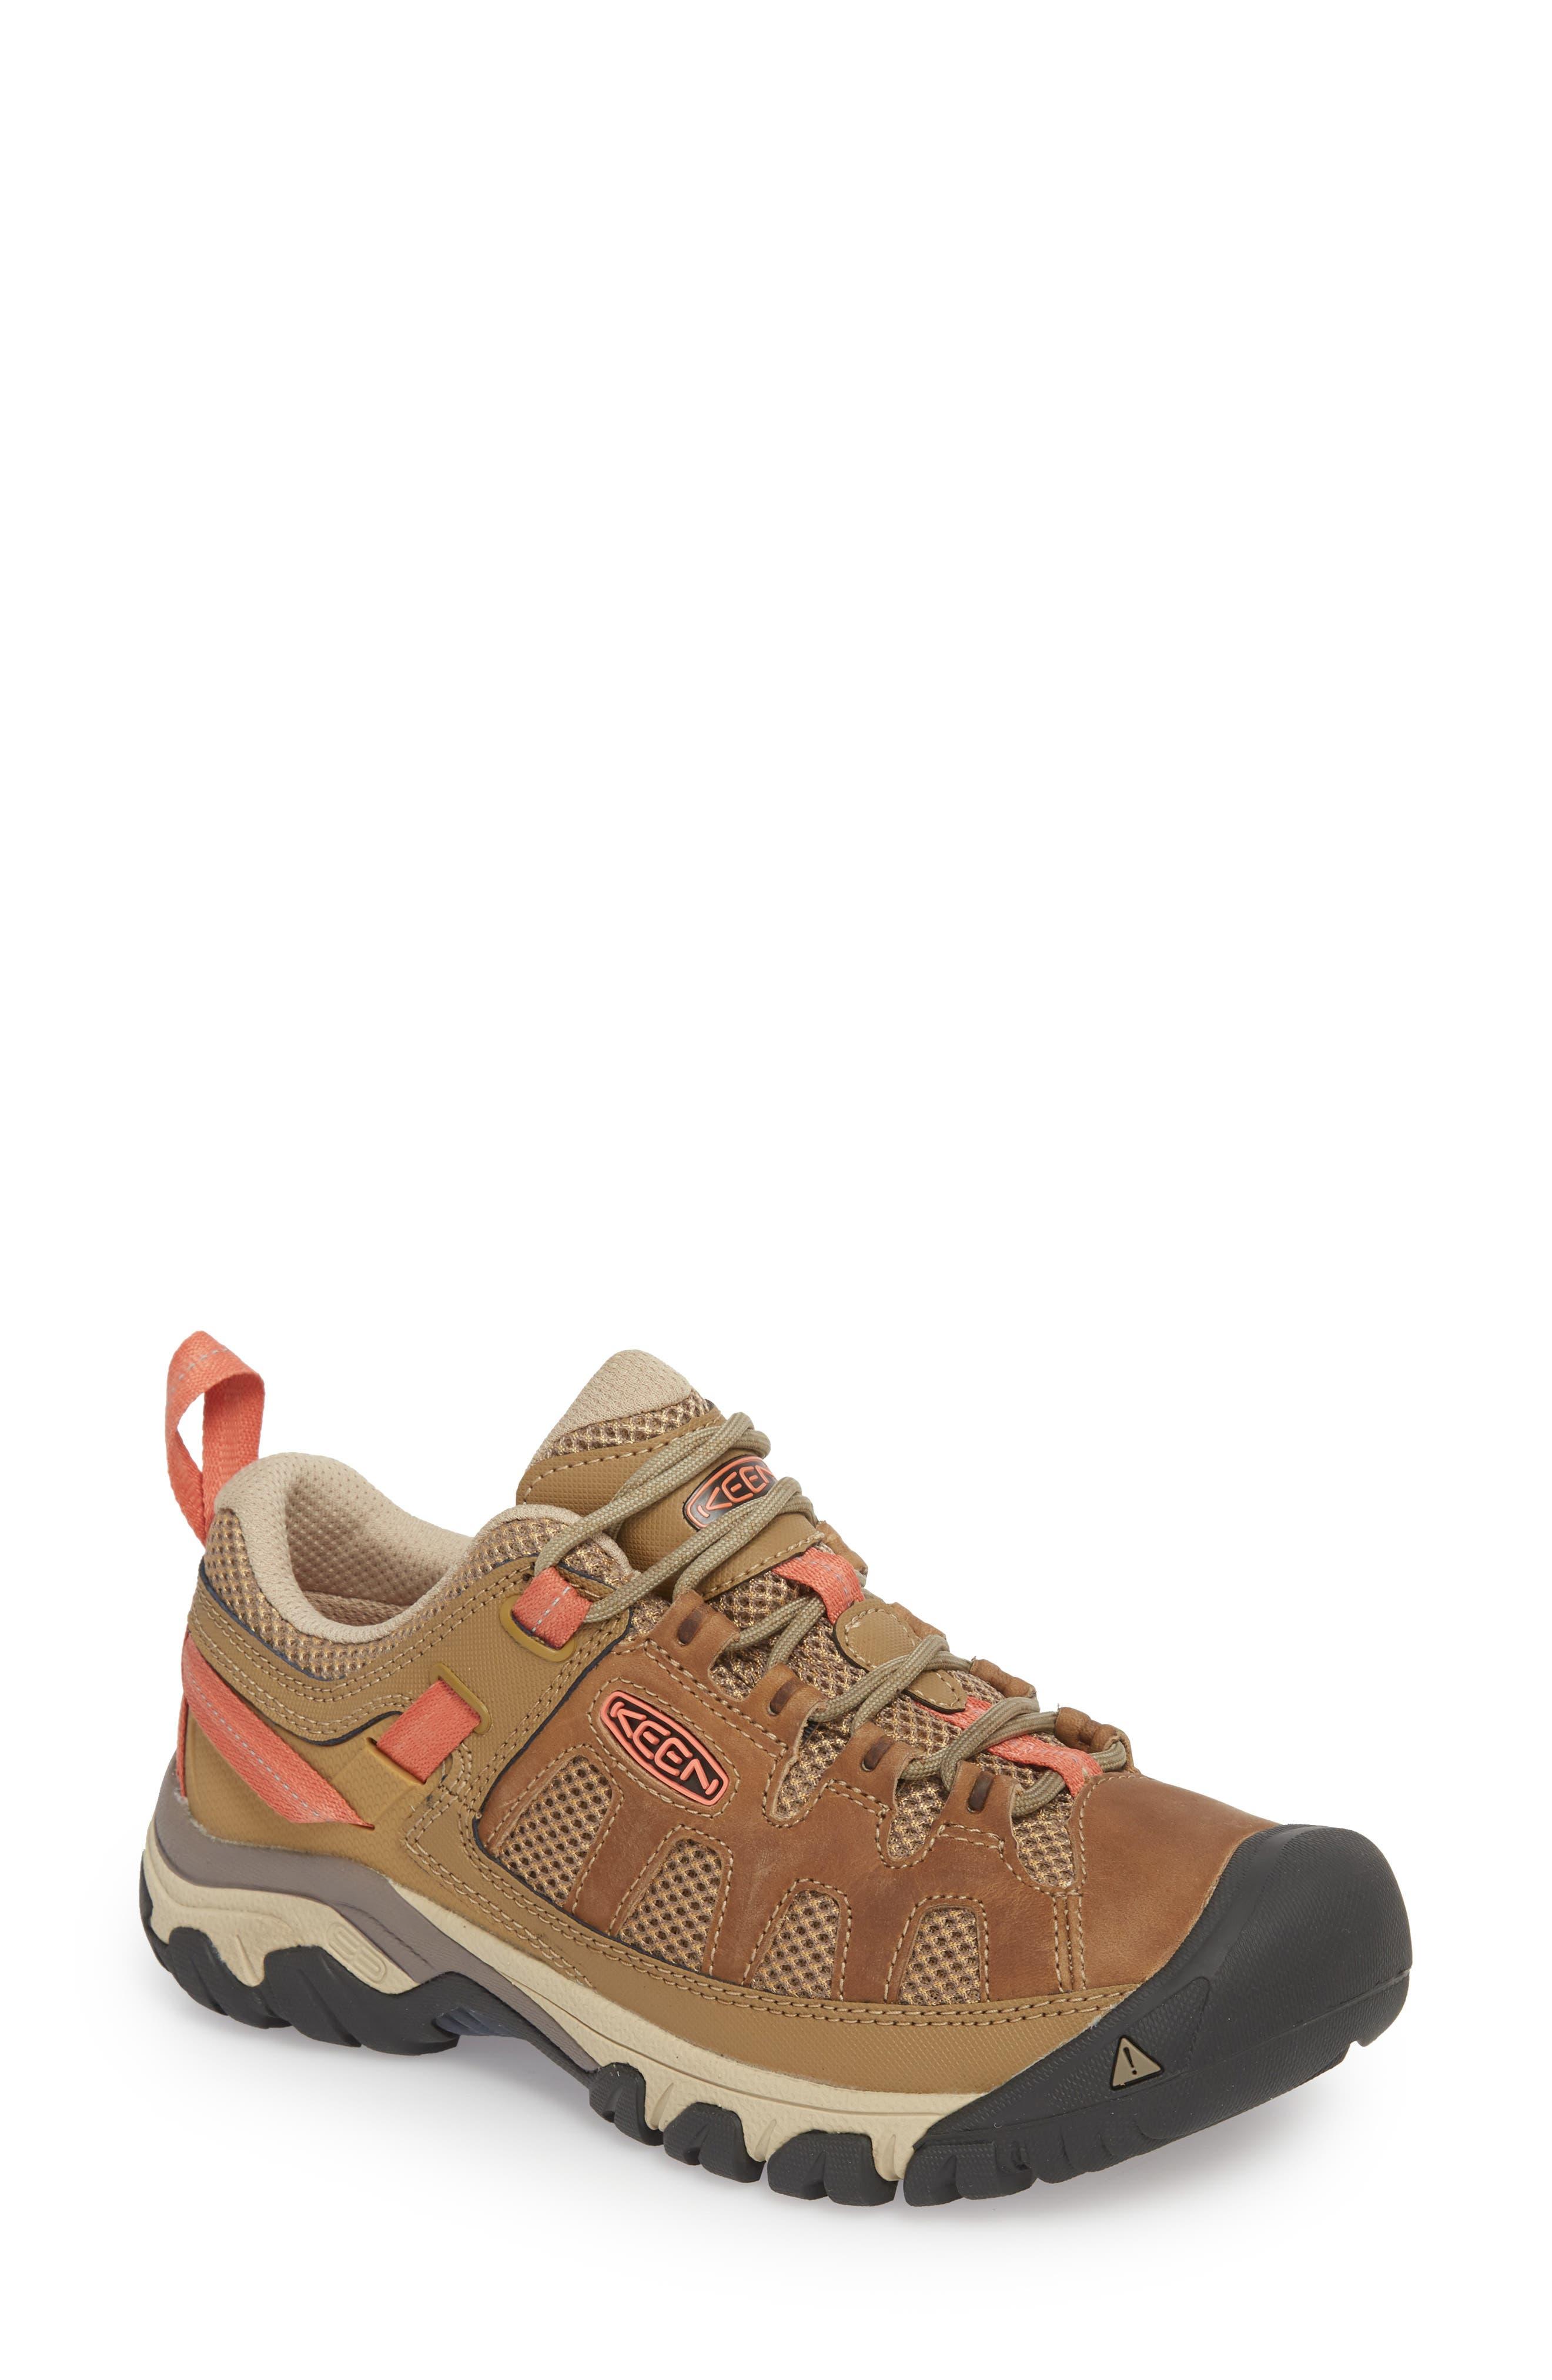 Targhee Vent Waterproof Hiking Shoe